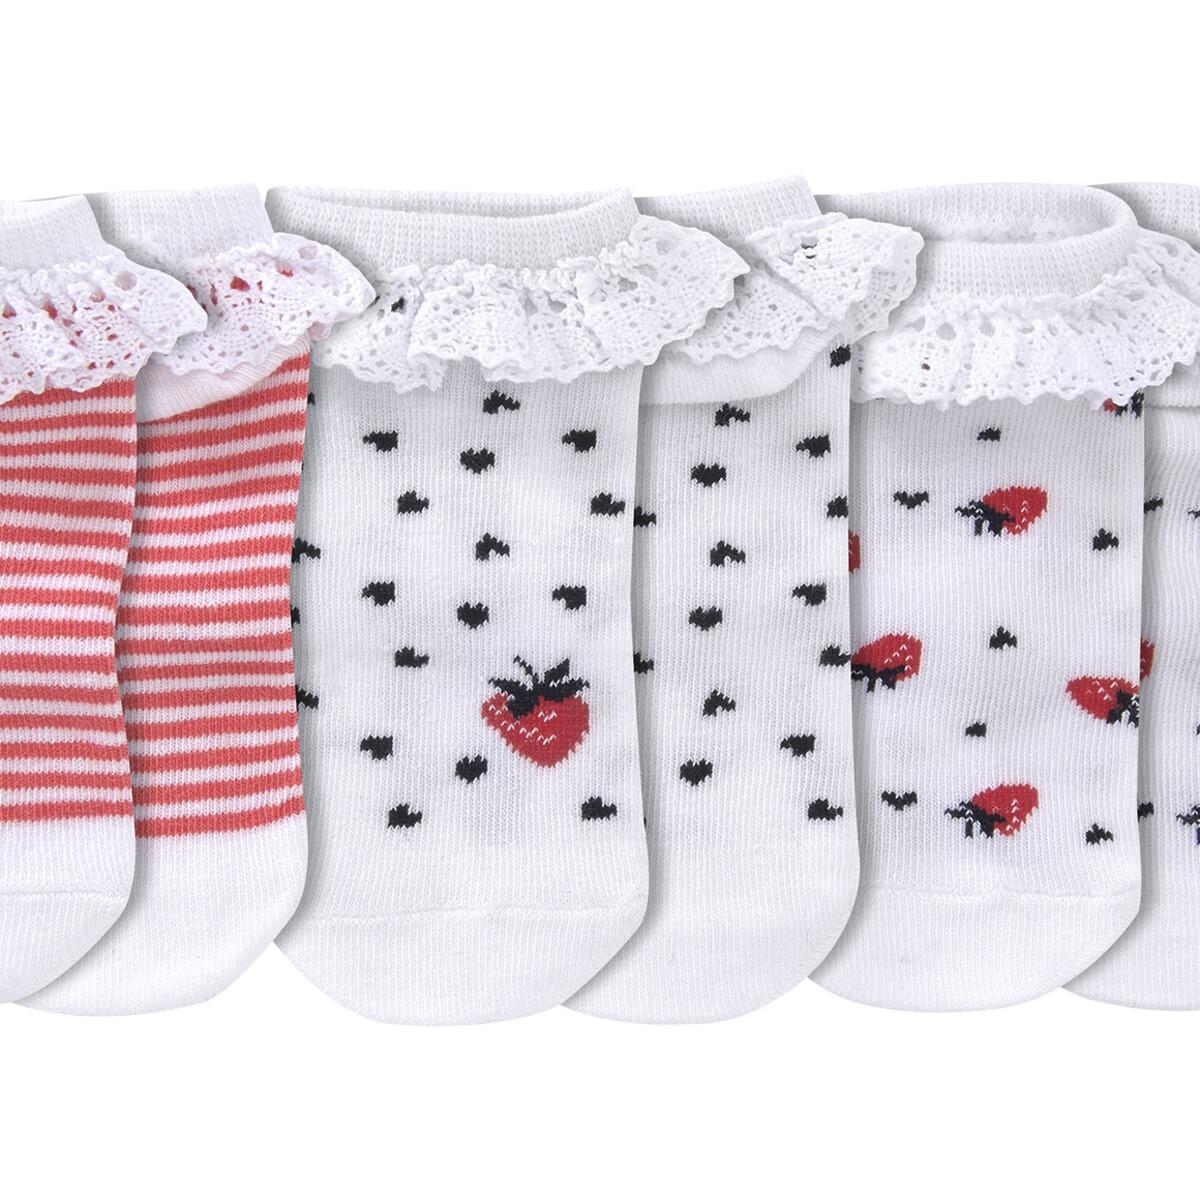 Bild 2 von 3 Paar Baby Sneaker-Socken mit Rüschen